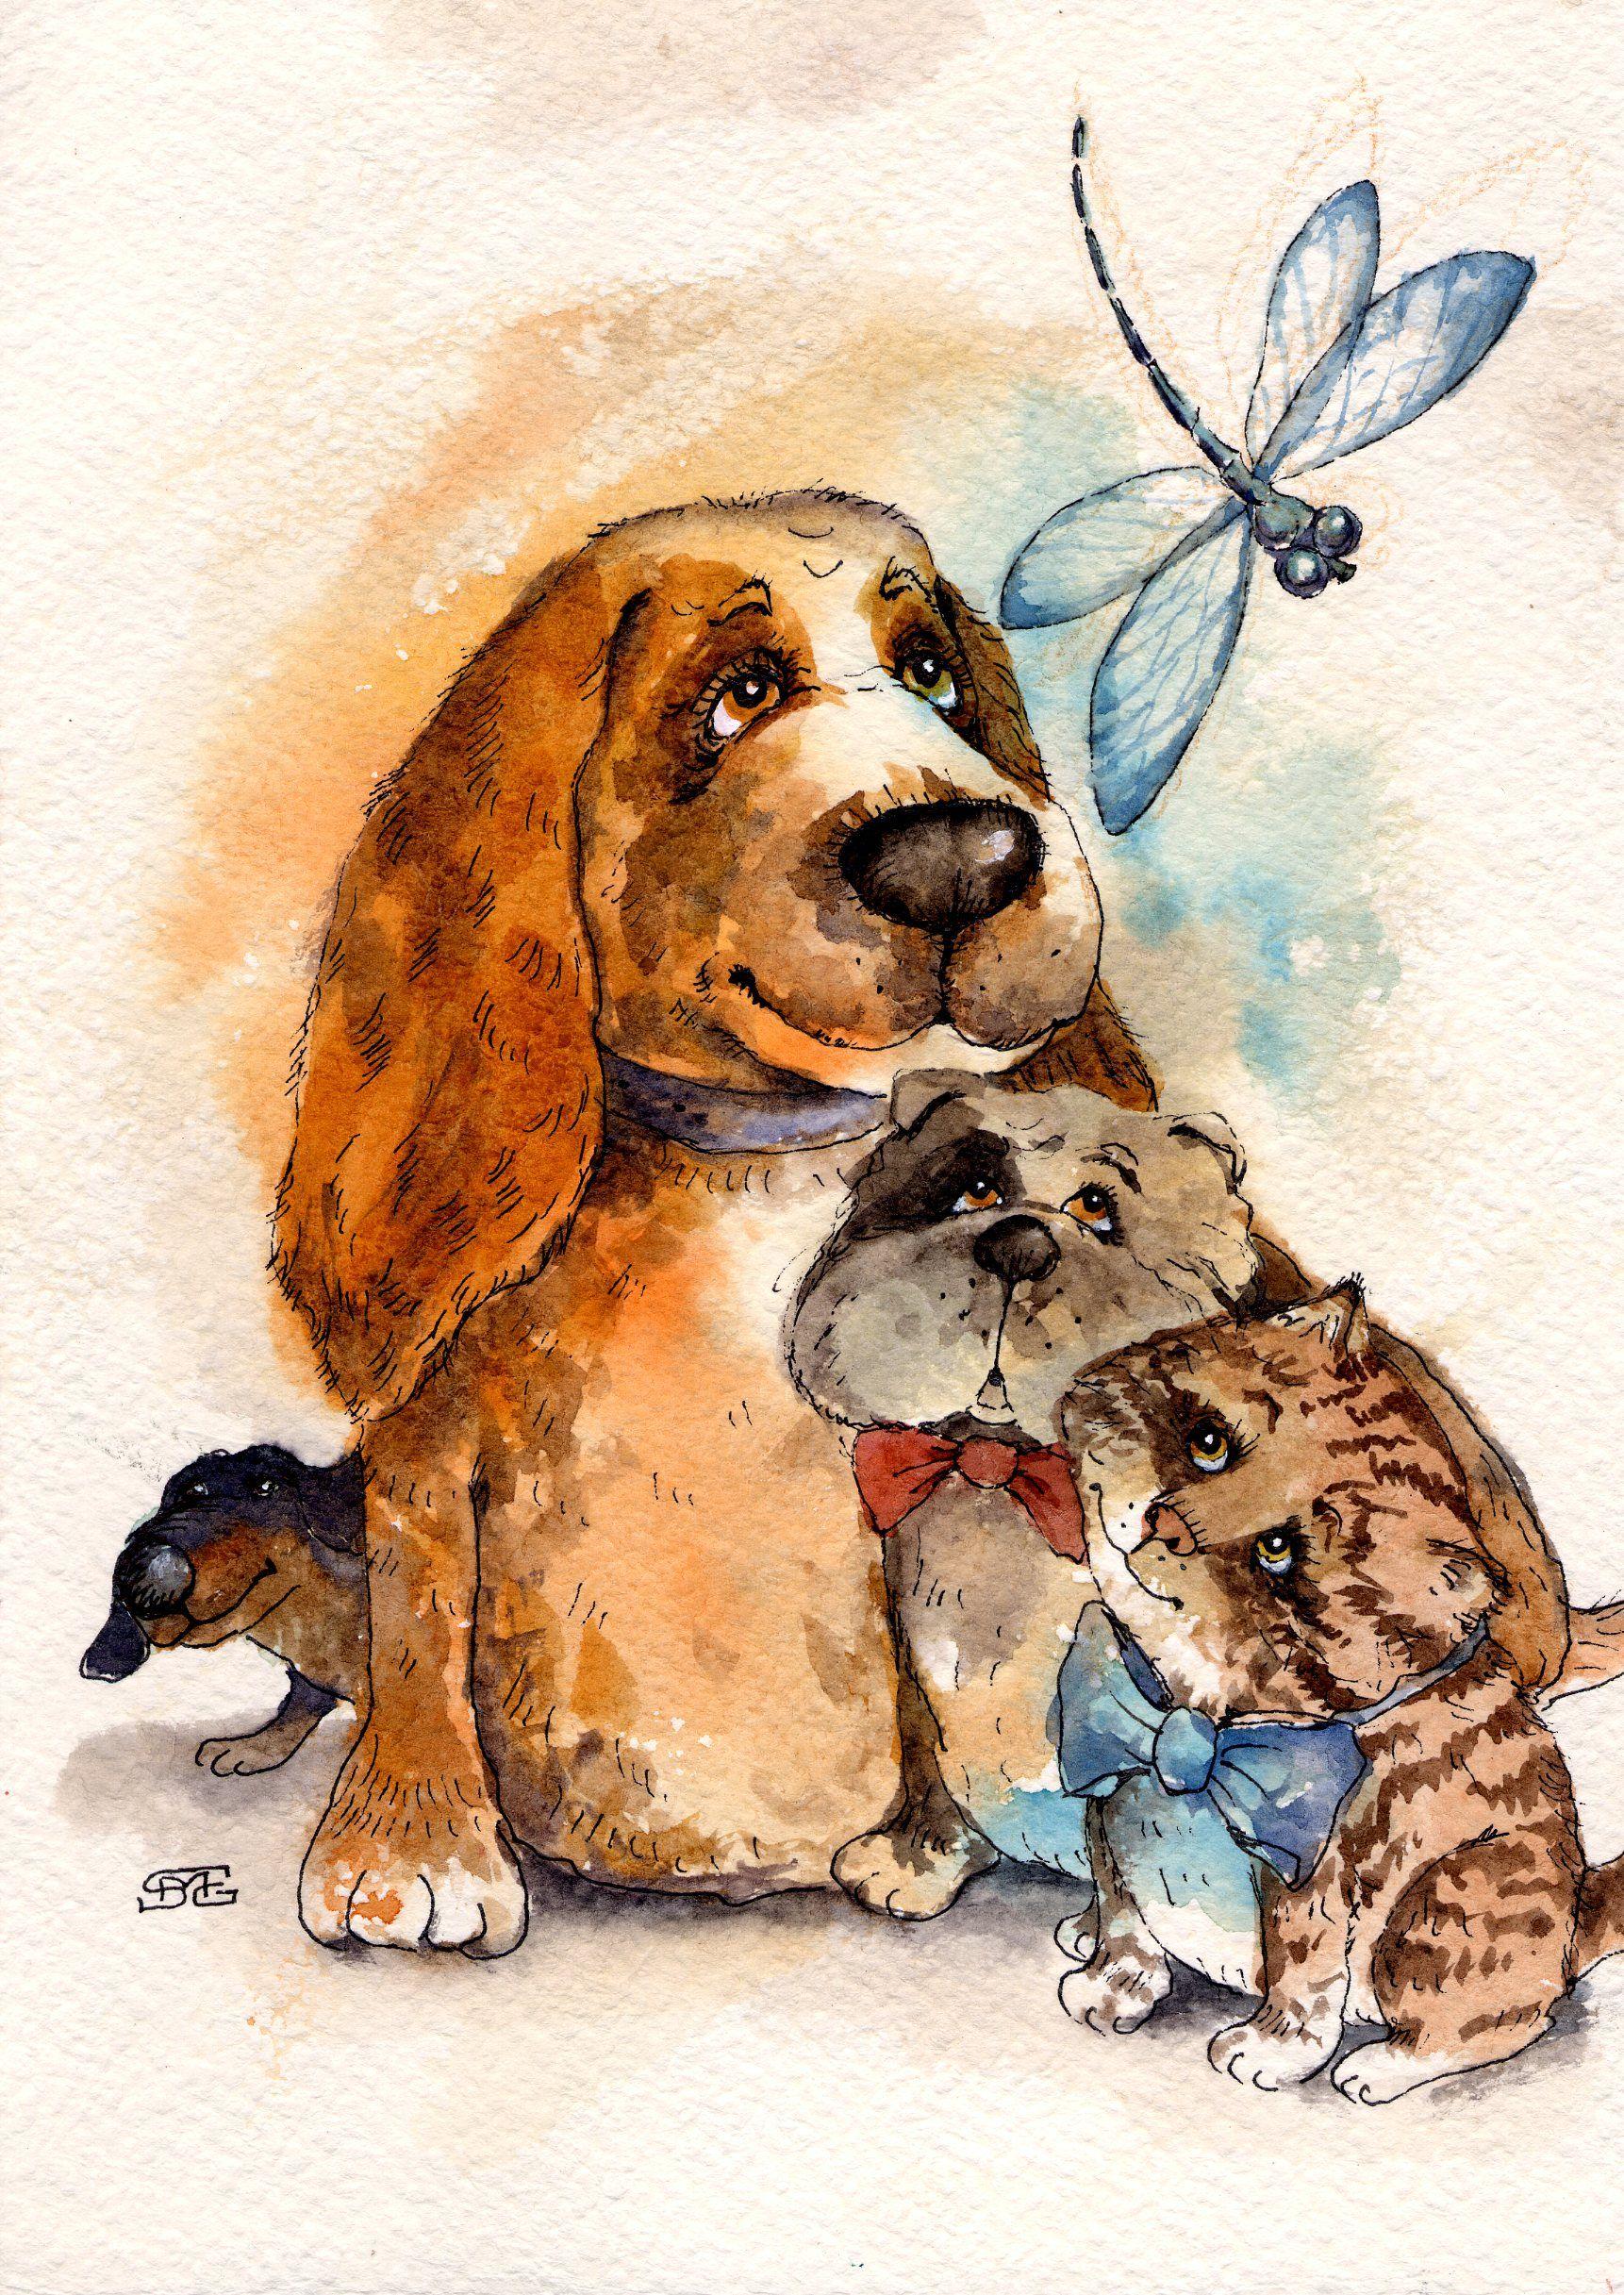 милые открытки с собаками бесплатно широкоформатные